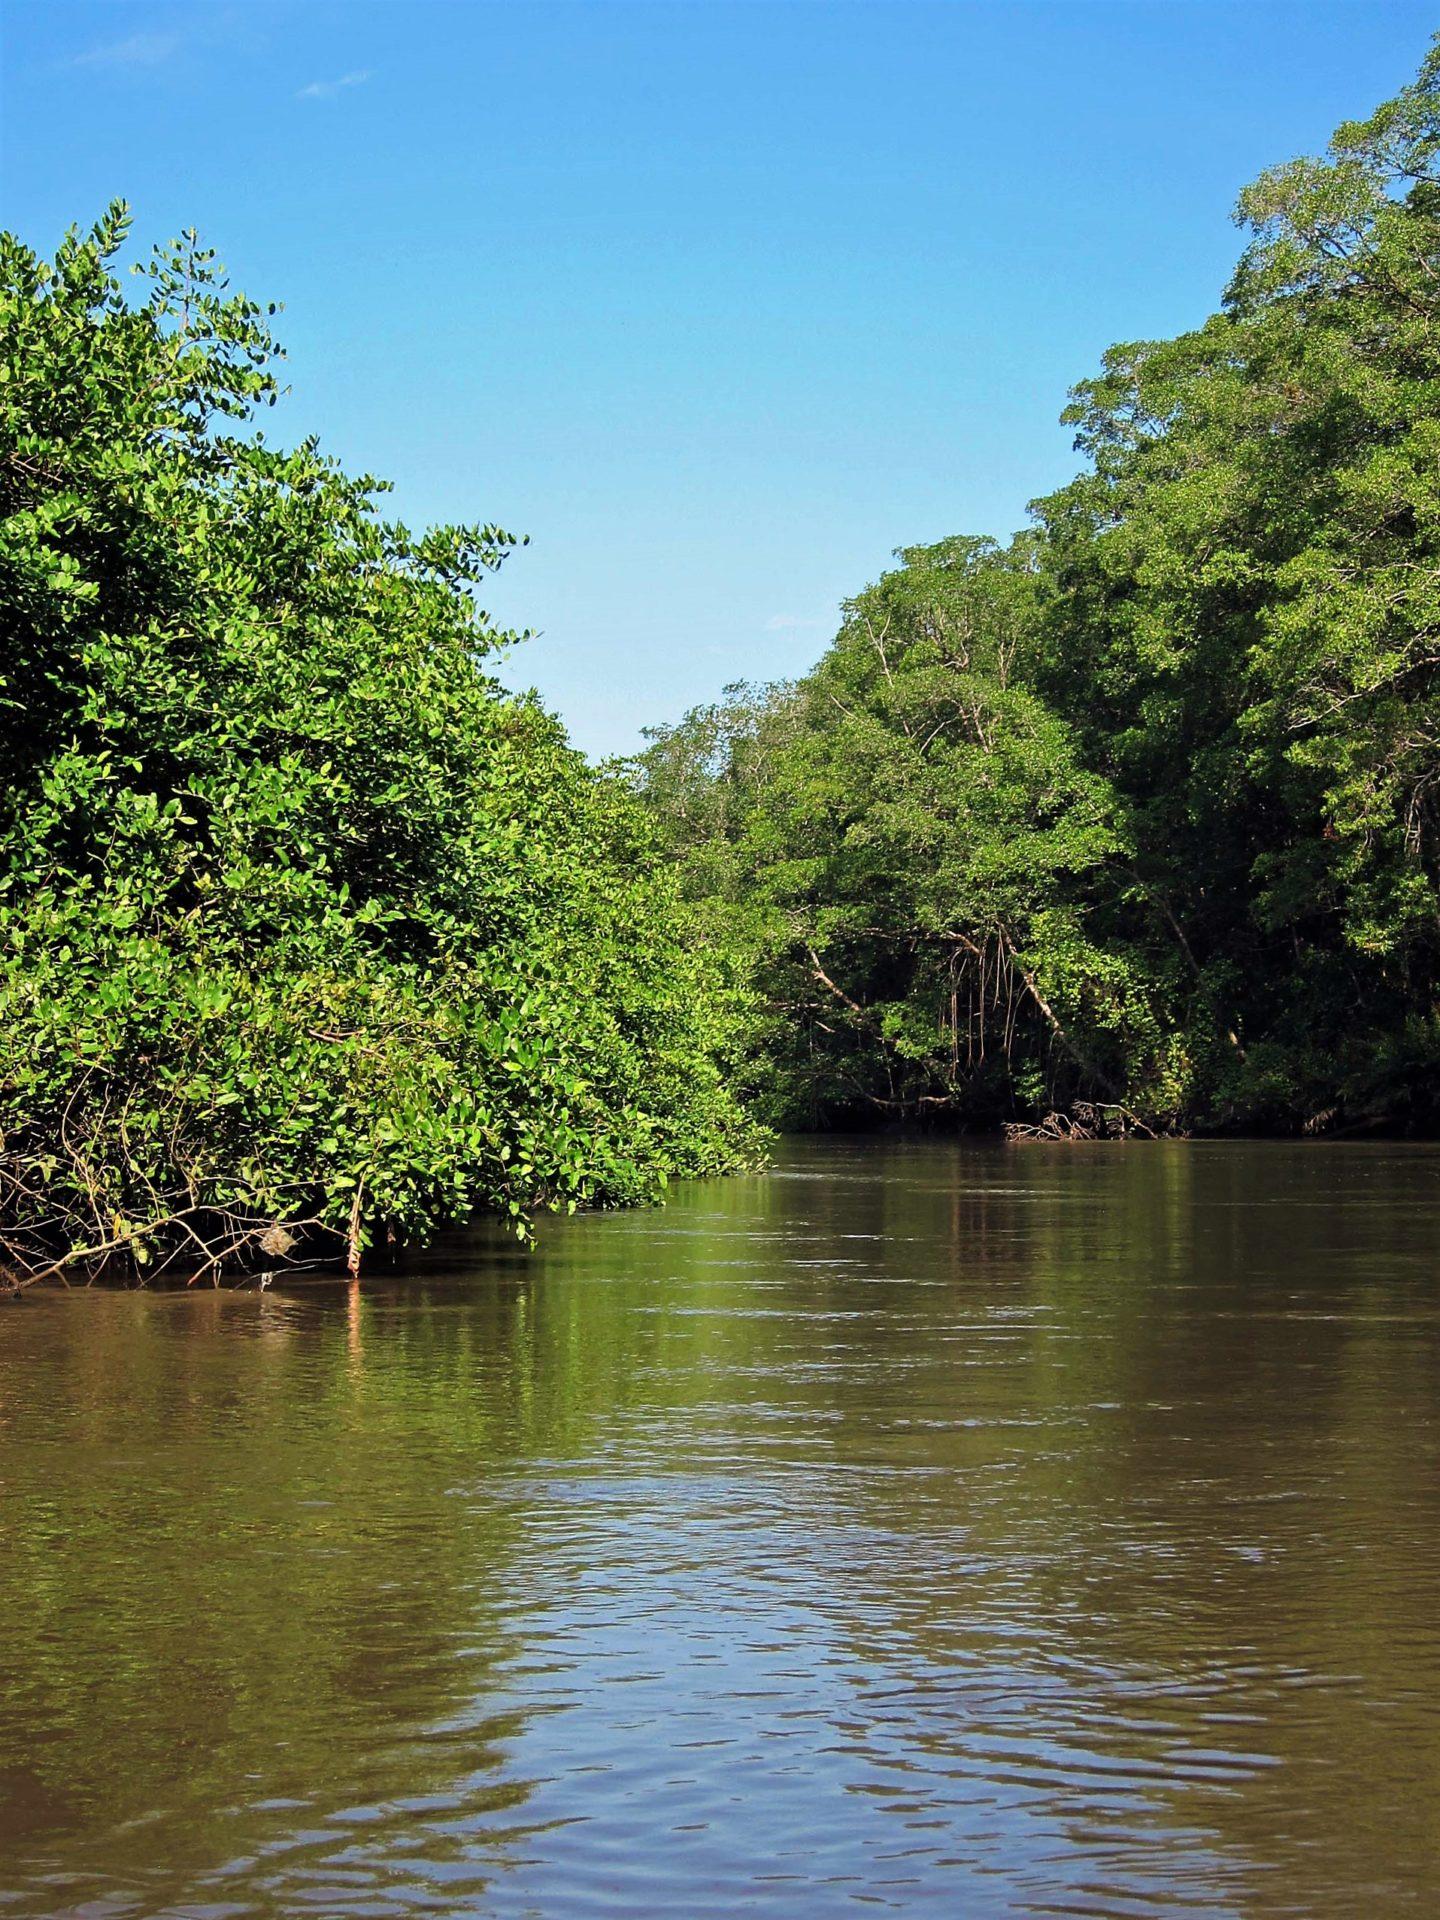 Estero Guacalillo, Rio Tarcoles, Costa Rica